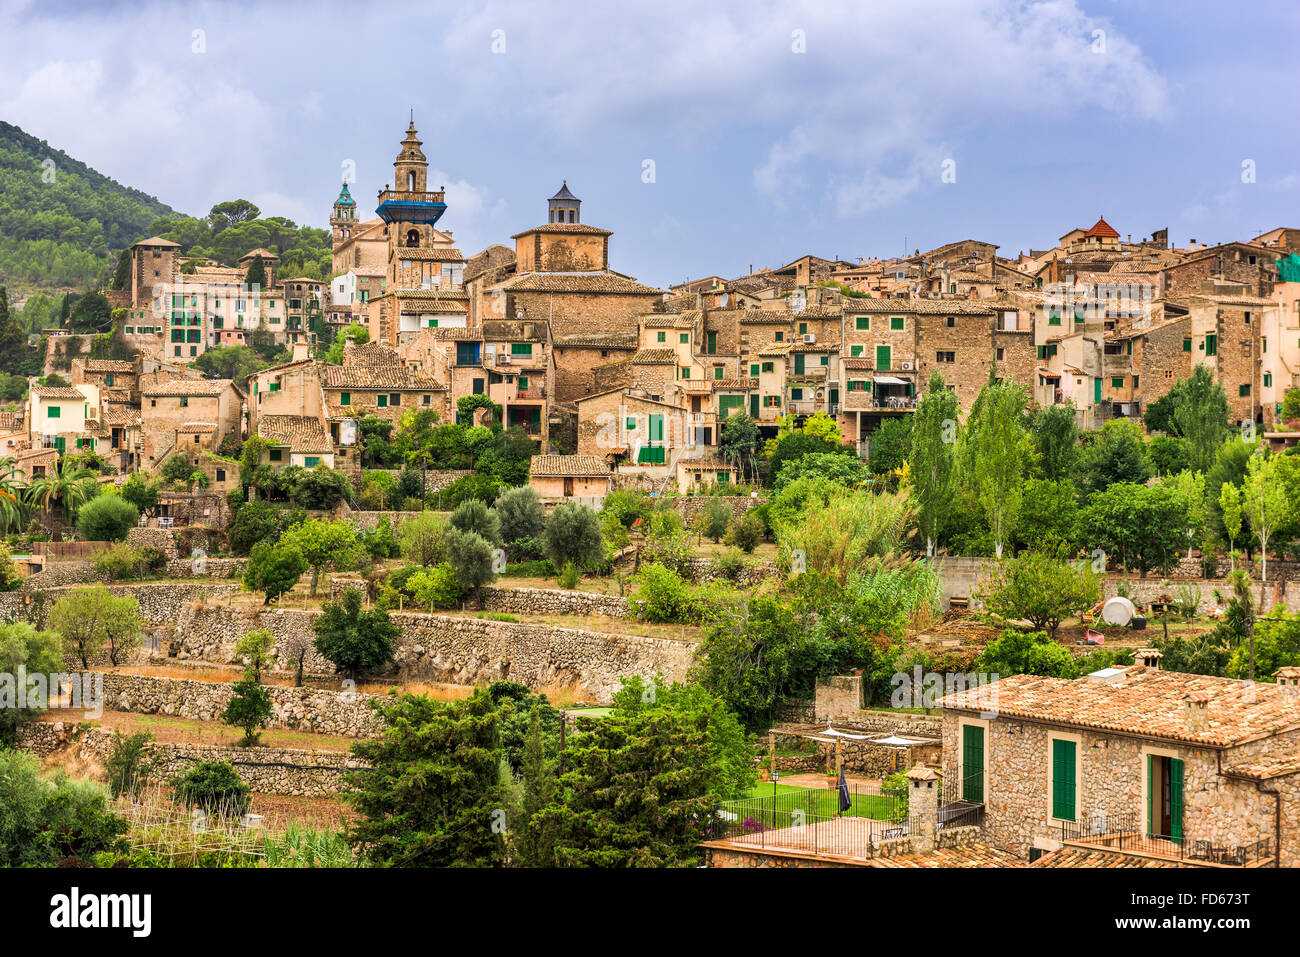 Valldemossa, Mallorca, Spain village. - Stock Image